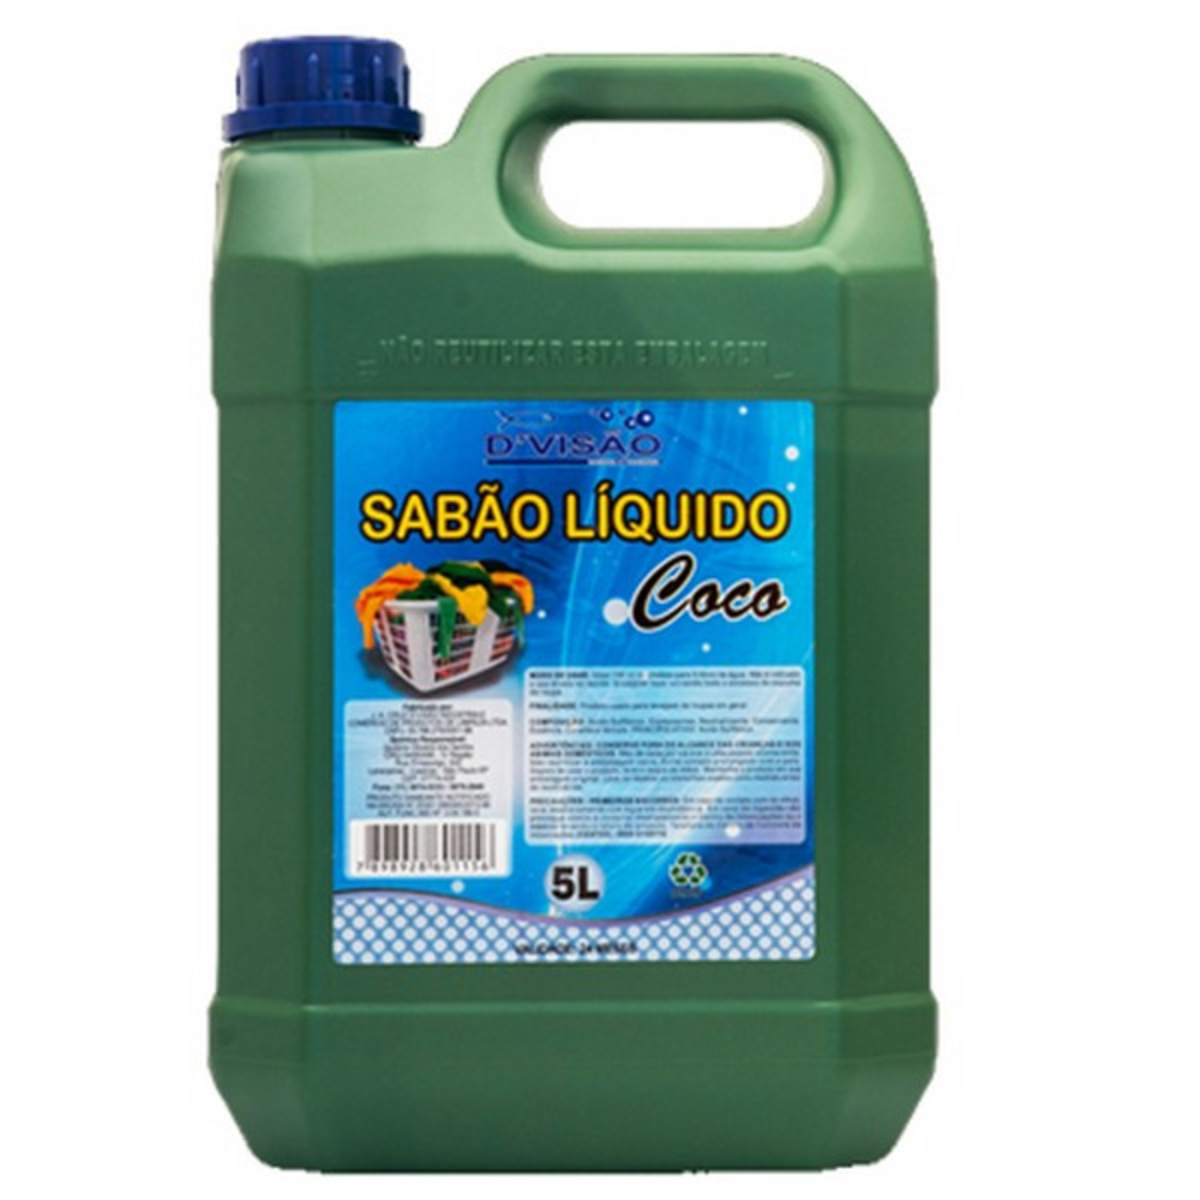 Fornecedor sabonete liquido